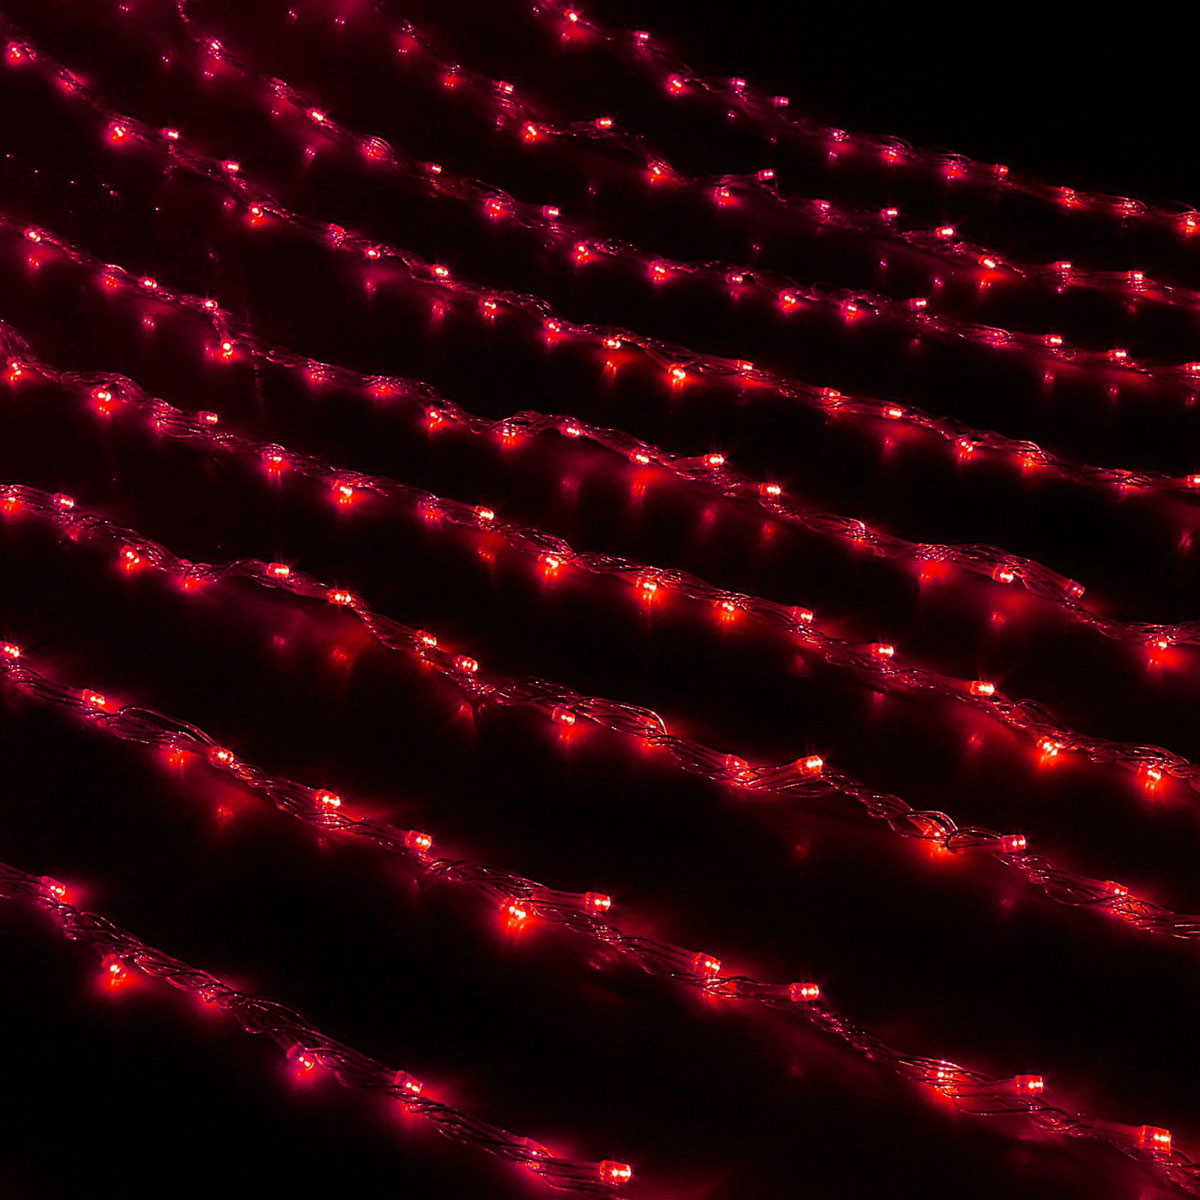 Гирлянда светодиодная Luazon Дождь, цвет: красный, 300 ламп, 8 режимов, 220 V, 1,5 х 1 м315-426Светодиодные гирлянды и ленты — это отличный вариант для новогоднего оформления интерьера или фасада. С их помощью помещение любого размера можно превратить в праздничный зал, а внешние элементы зданий, украшенные ими, мгновенно станут напоминать очертания сказочного дворца. Такие украшения создают ауру предвкушения чуда. Деревья, фасады, витрины, окна и арки будто специально созданы, чтобы вы украсили их светящимися нитями.